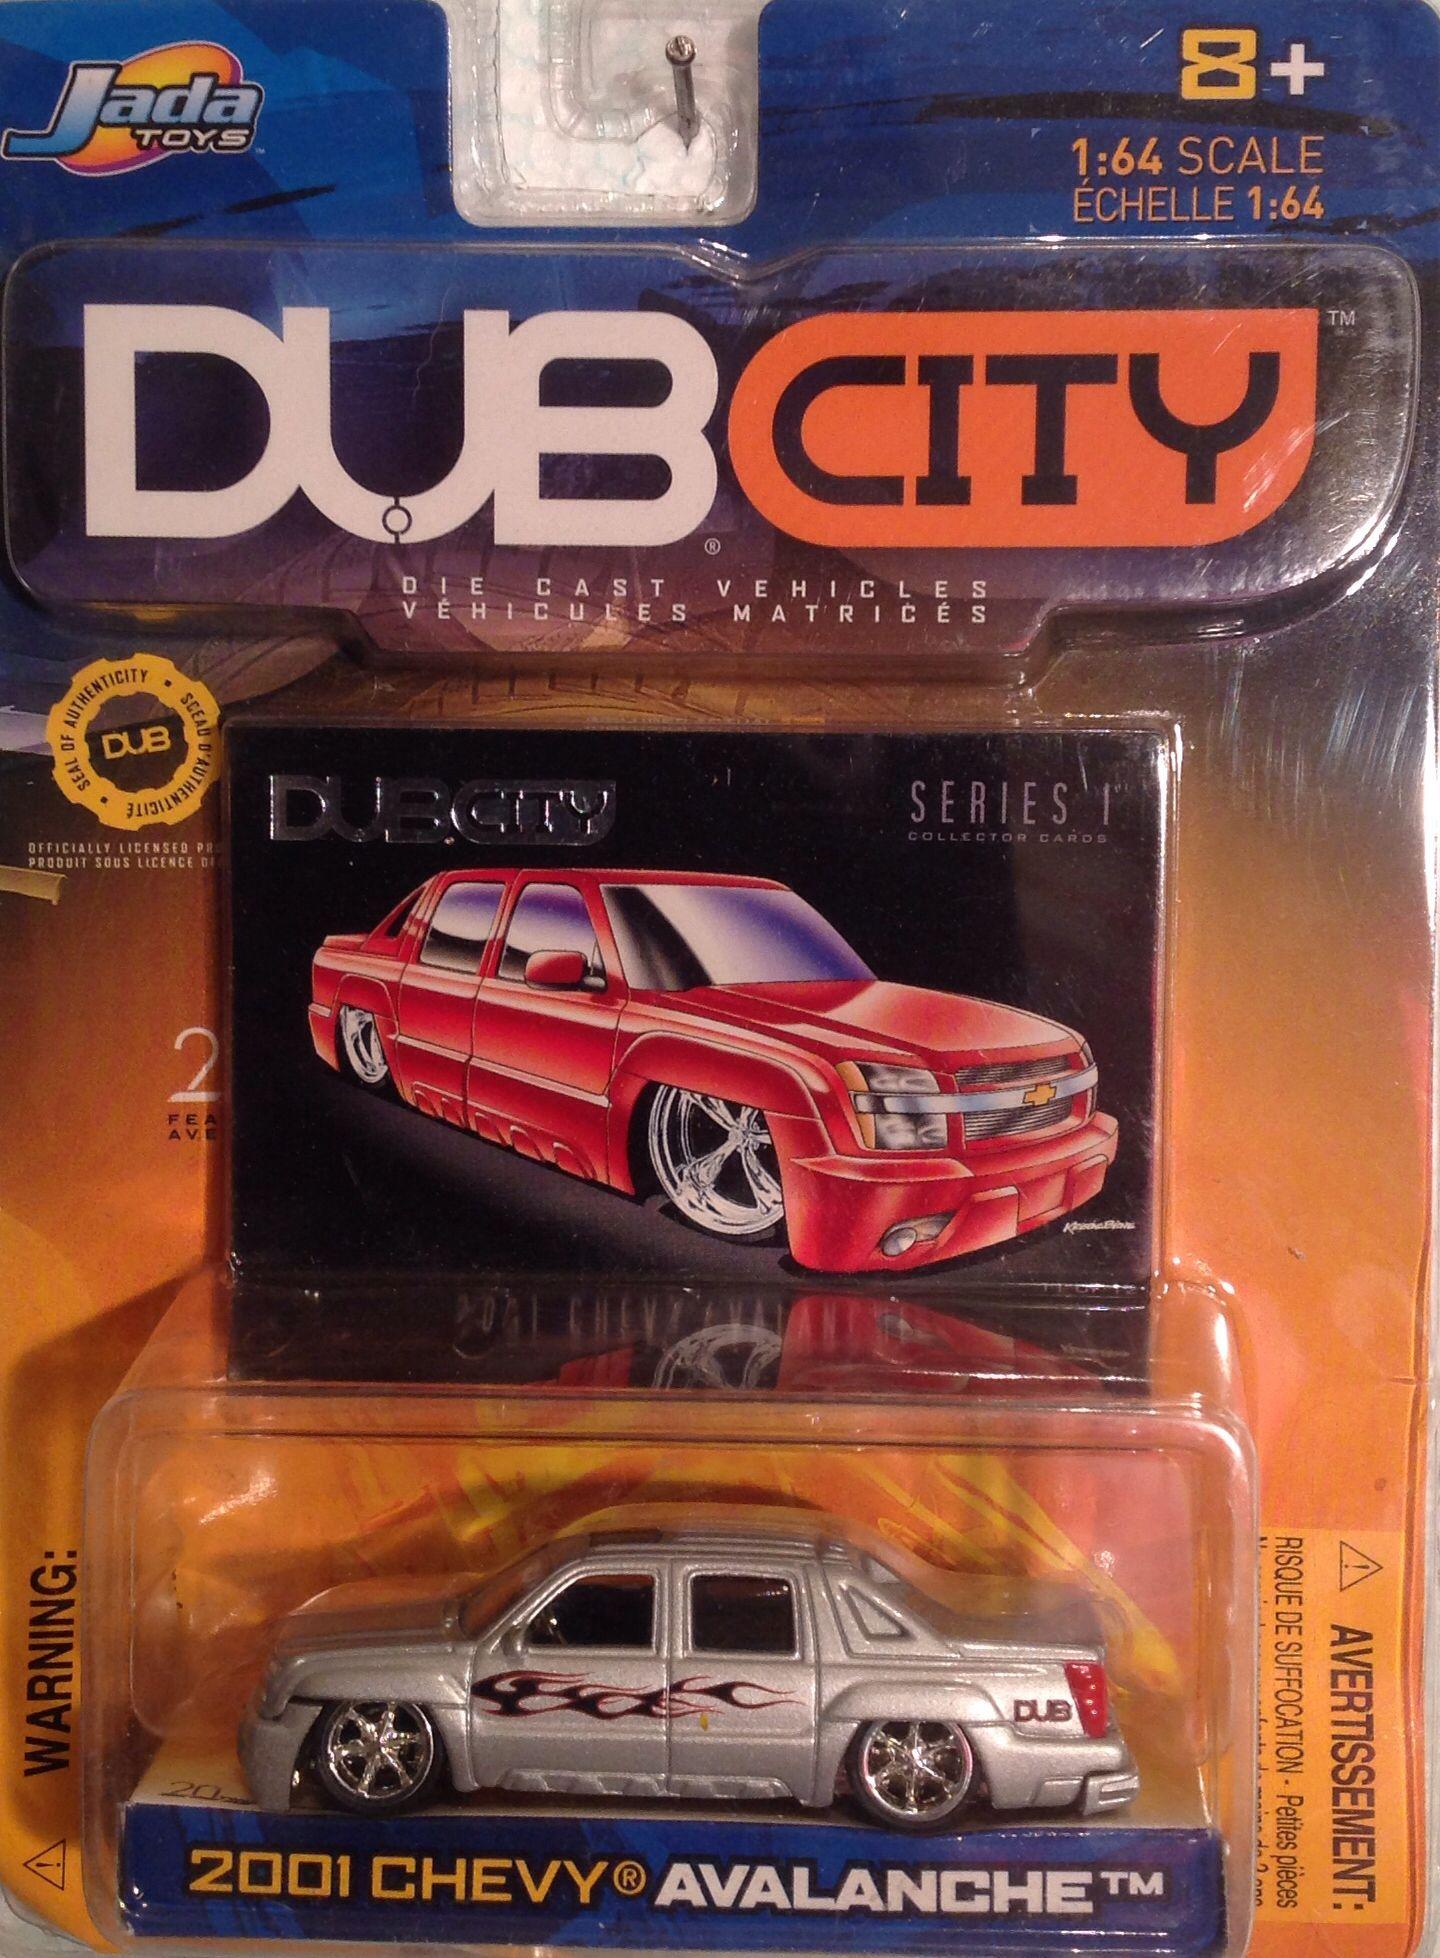 Dub Cars for sale - SmartMotorGuide.com